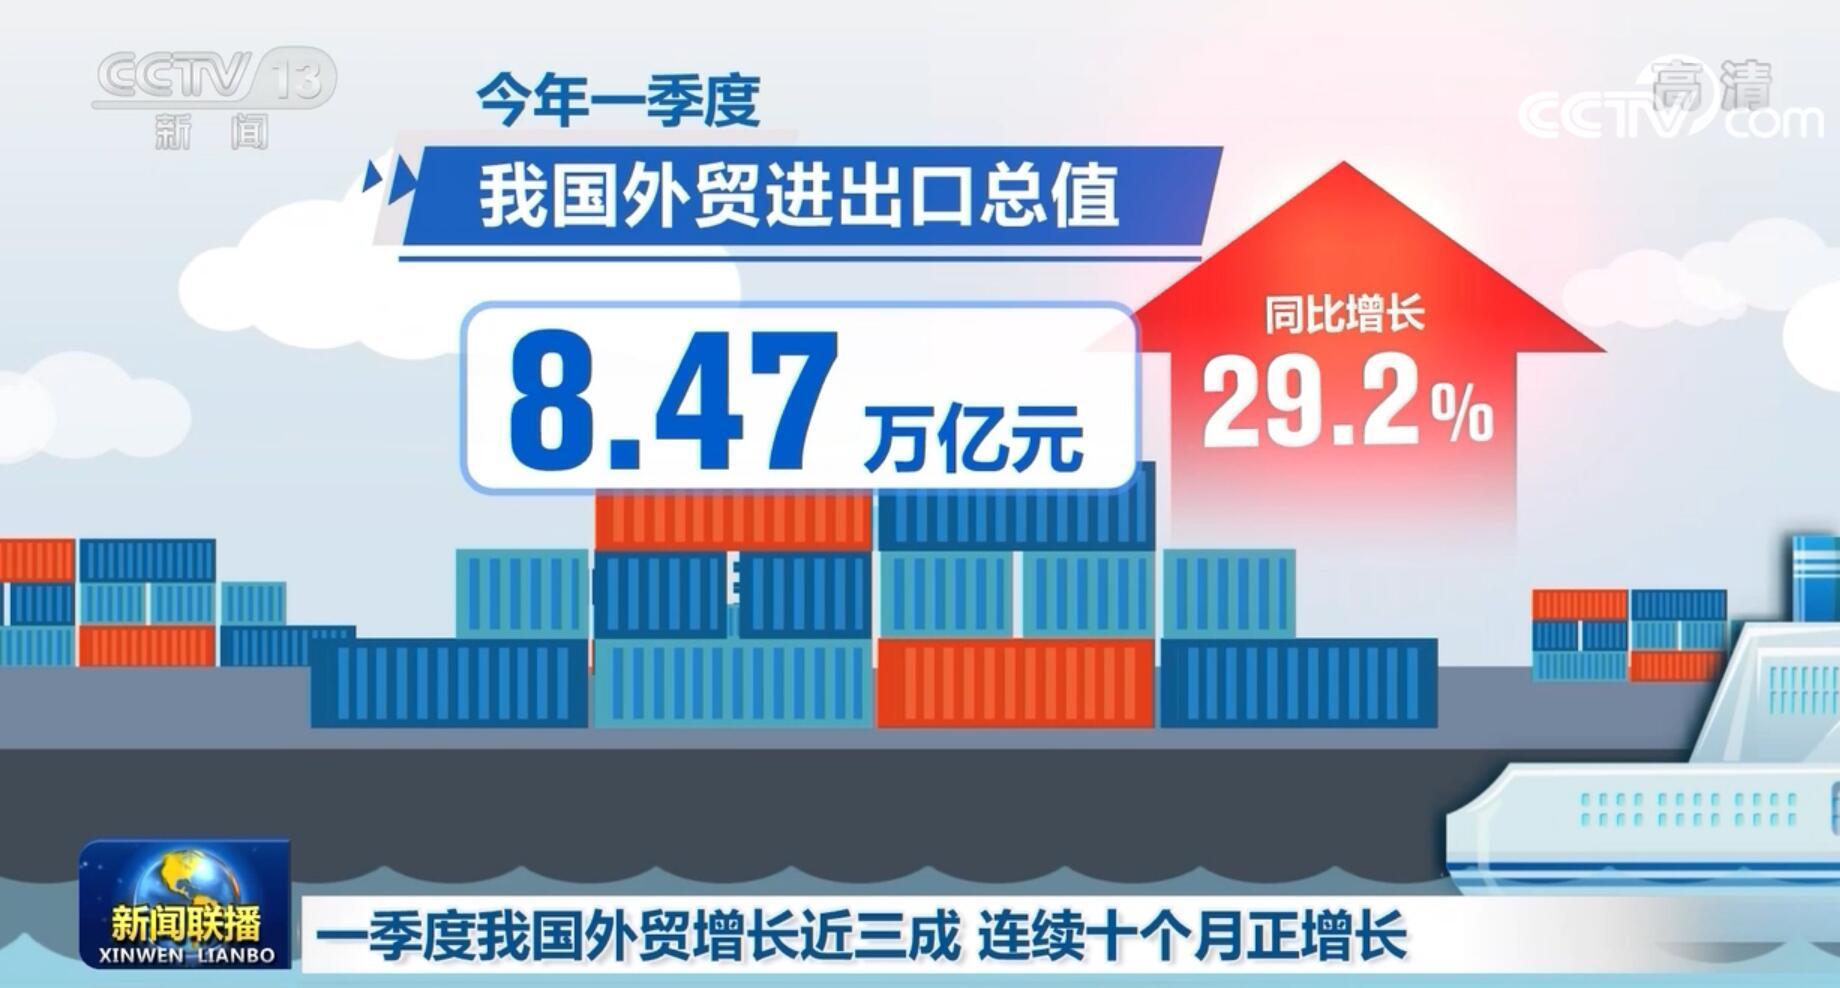 一季度我国外贸增长近三成 继续保持向好势头